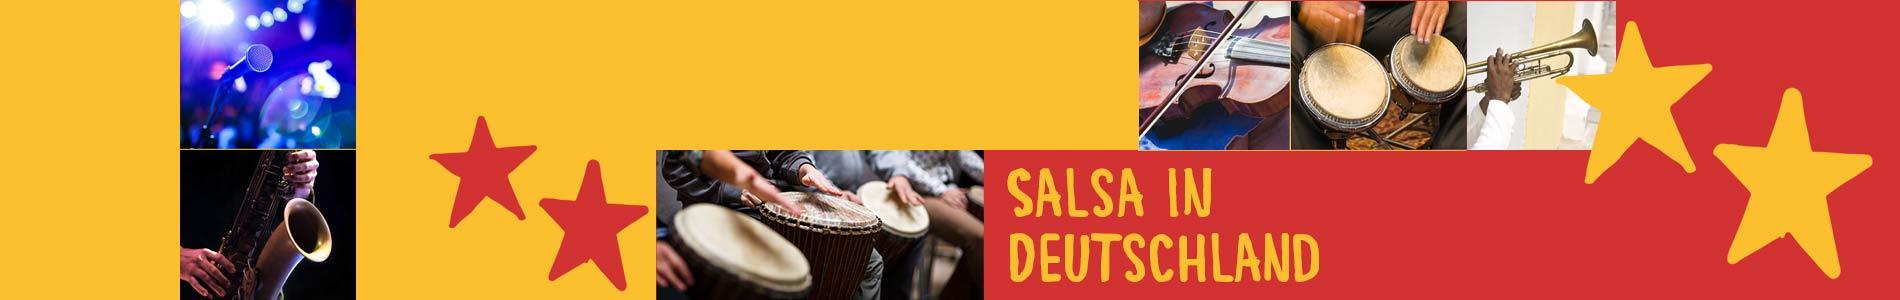 Salsa in Dahn – Salsa lernen und tanzen, Tanzkurse, Partys, Veranstaltungen